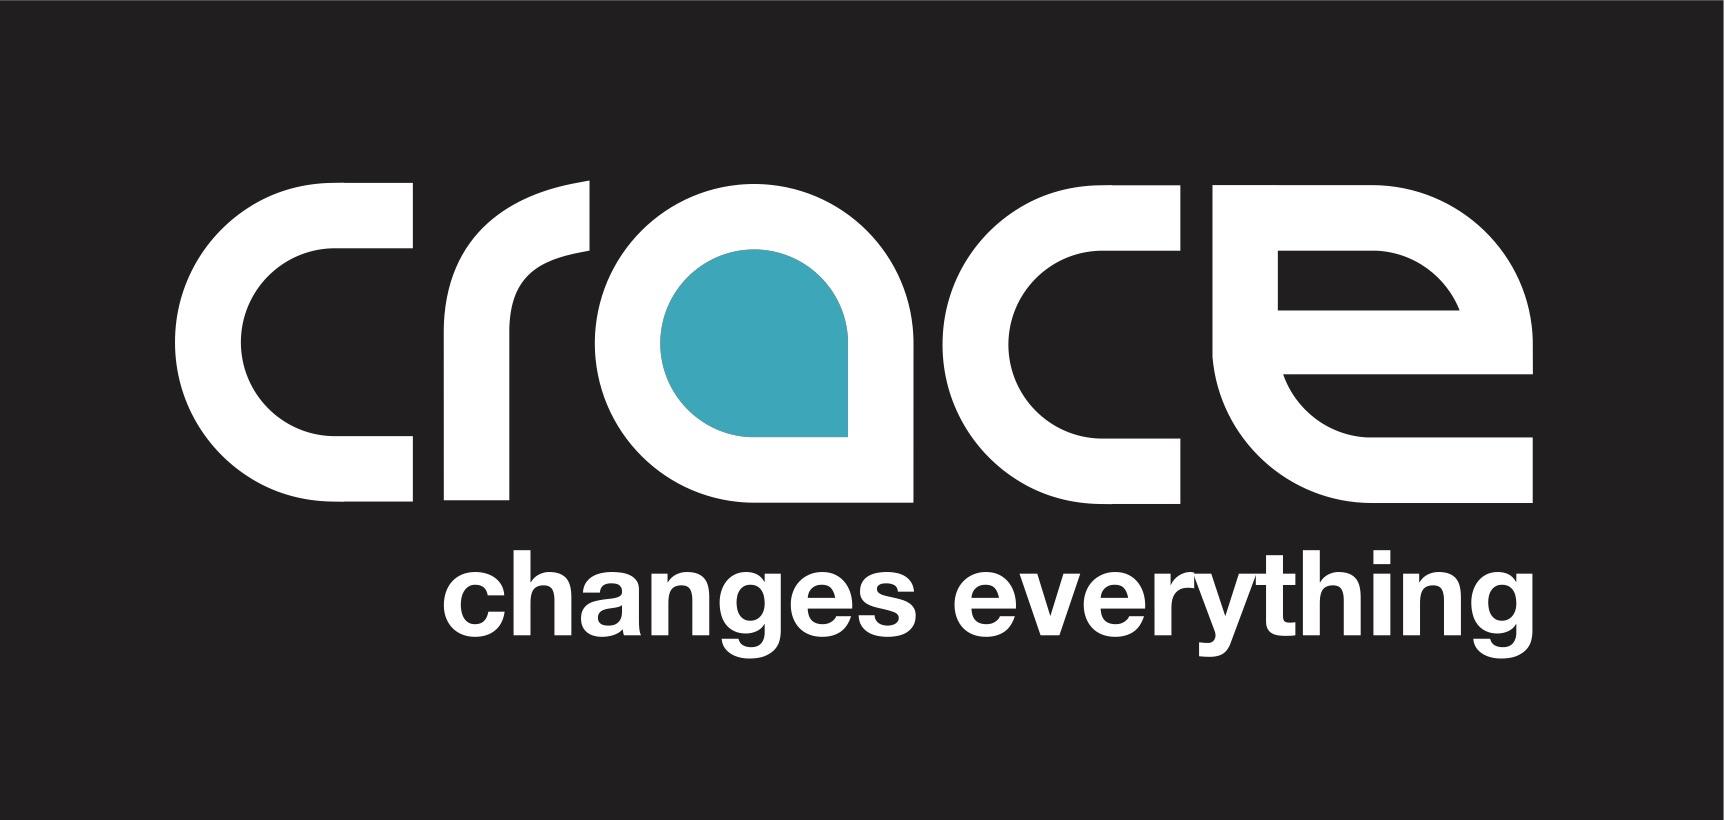 Crace CMYK Turquoise Logo copy